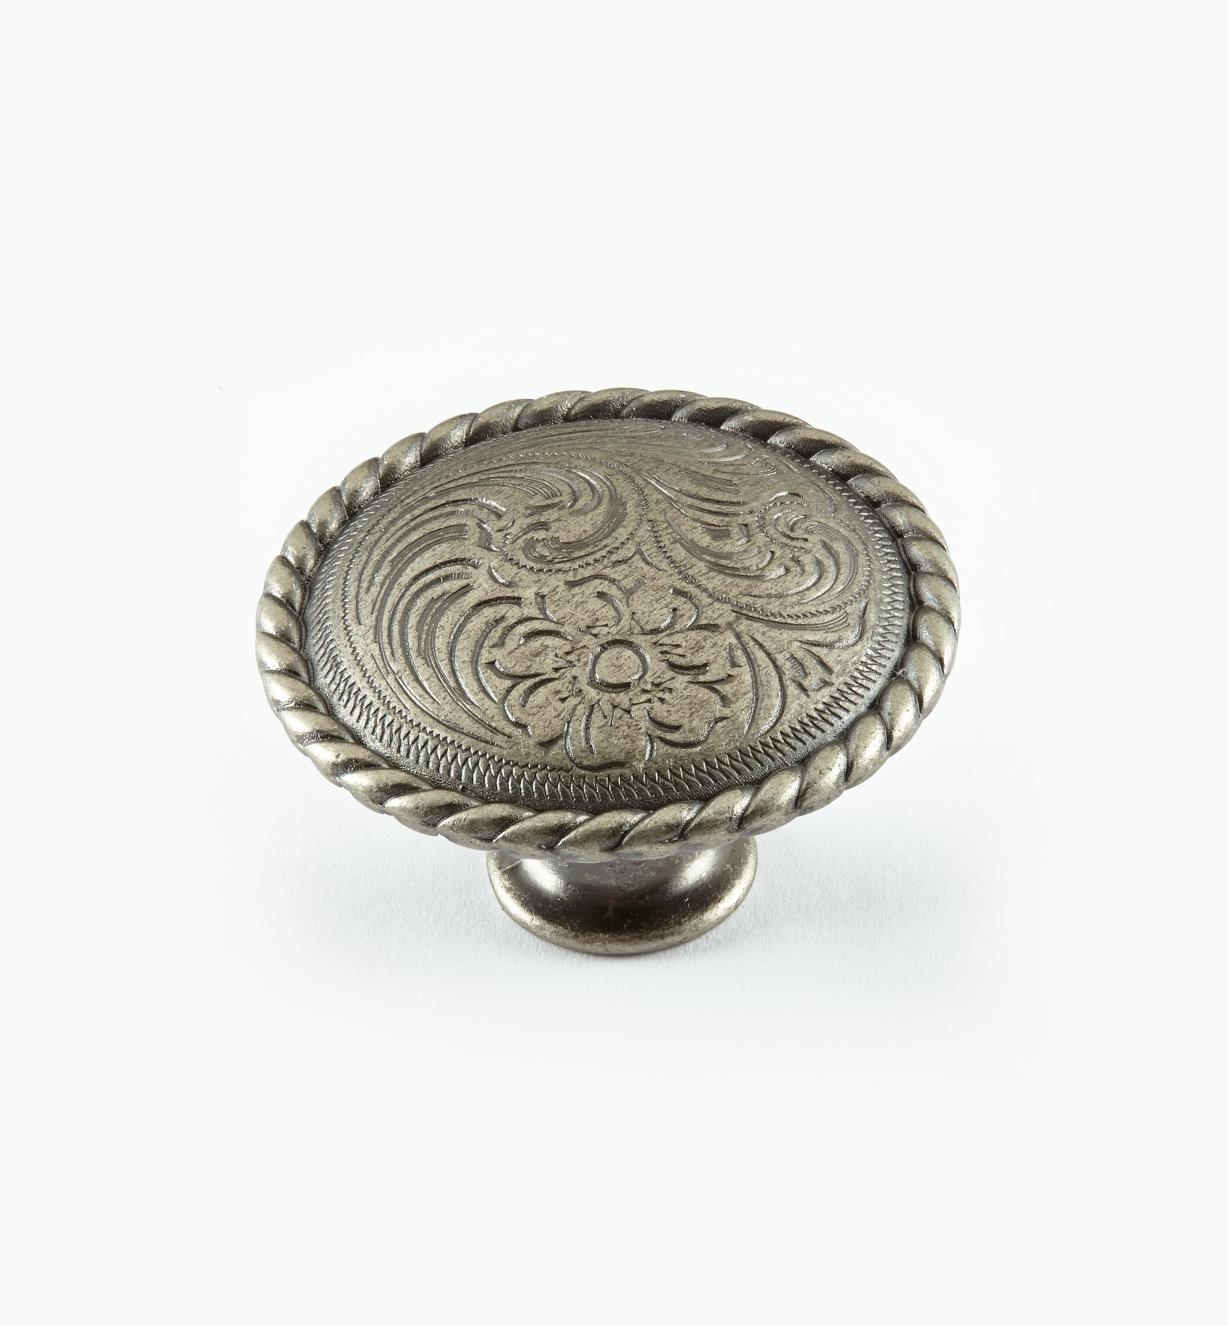 """02A4602 - 1 1/2"""" x 7/8"""" Old Silver Knob"""